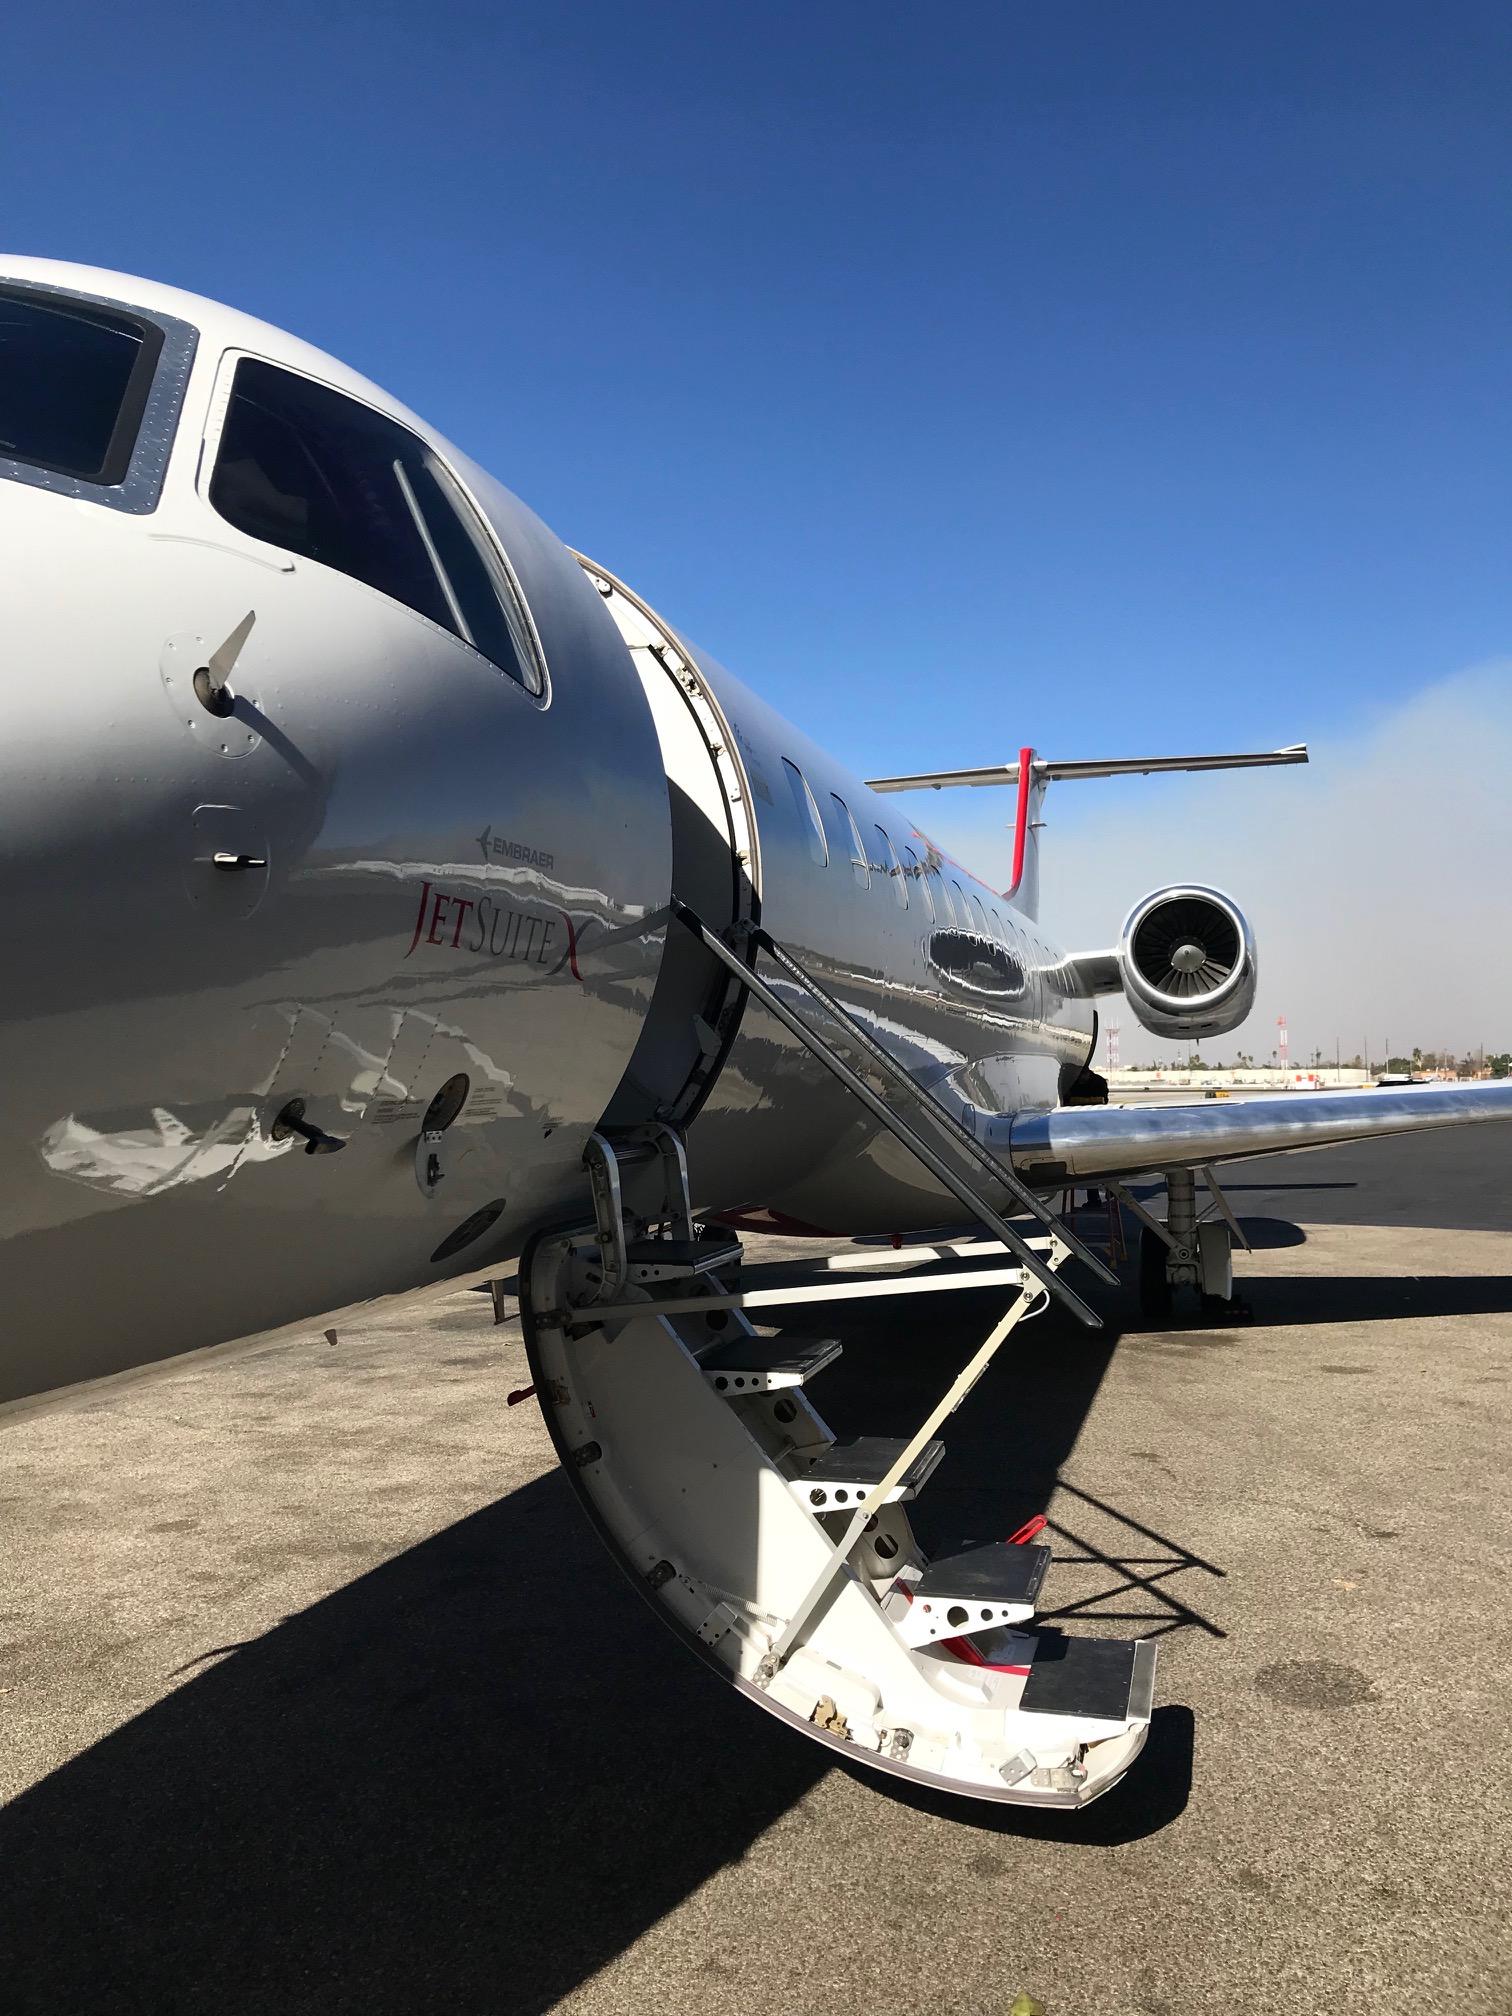 JetSuiteX - Beyondcasualb